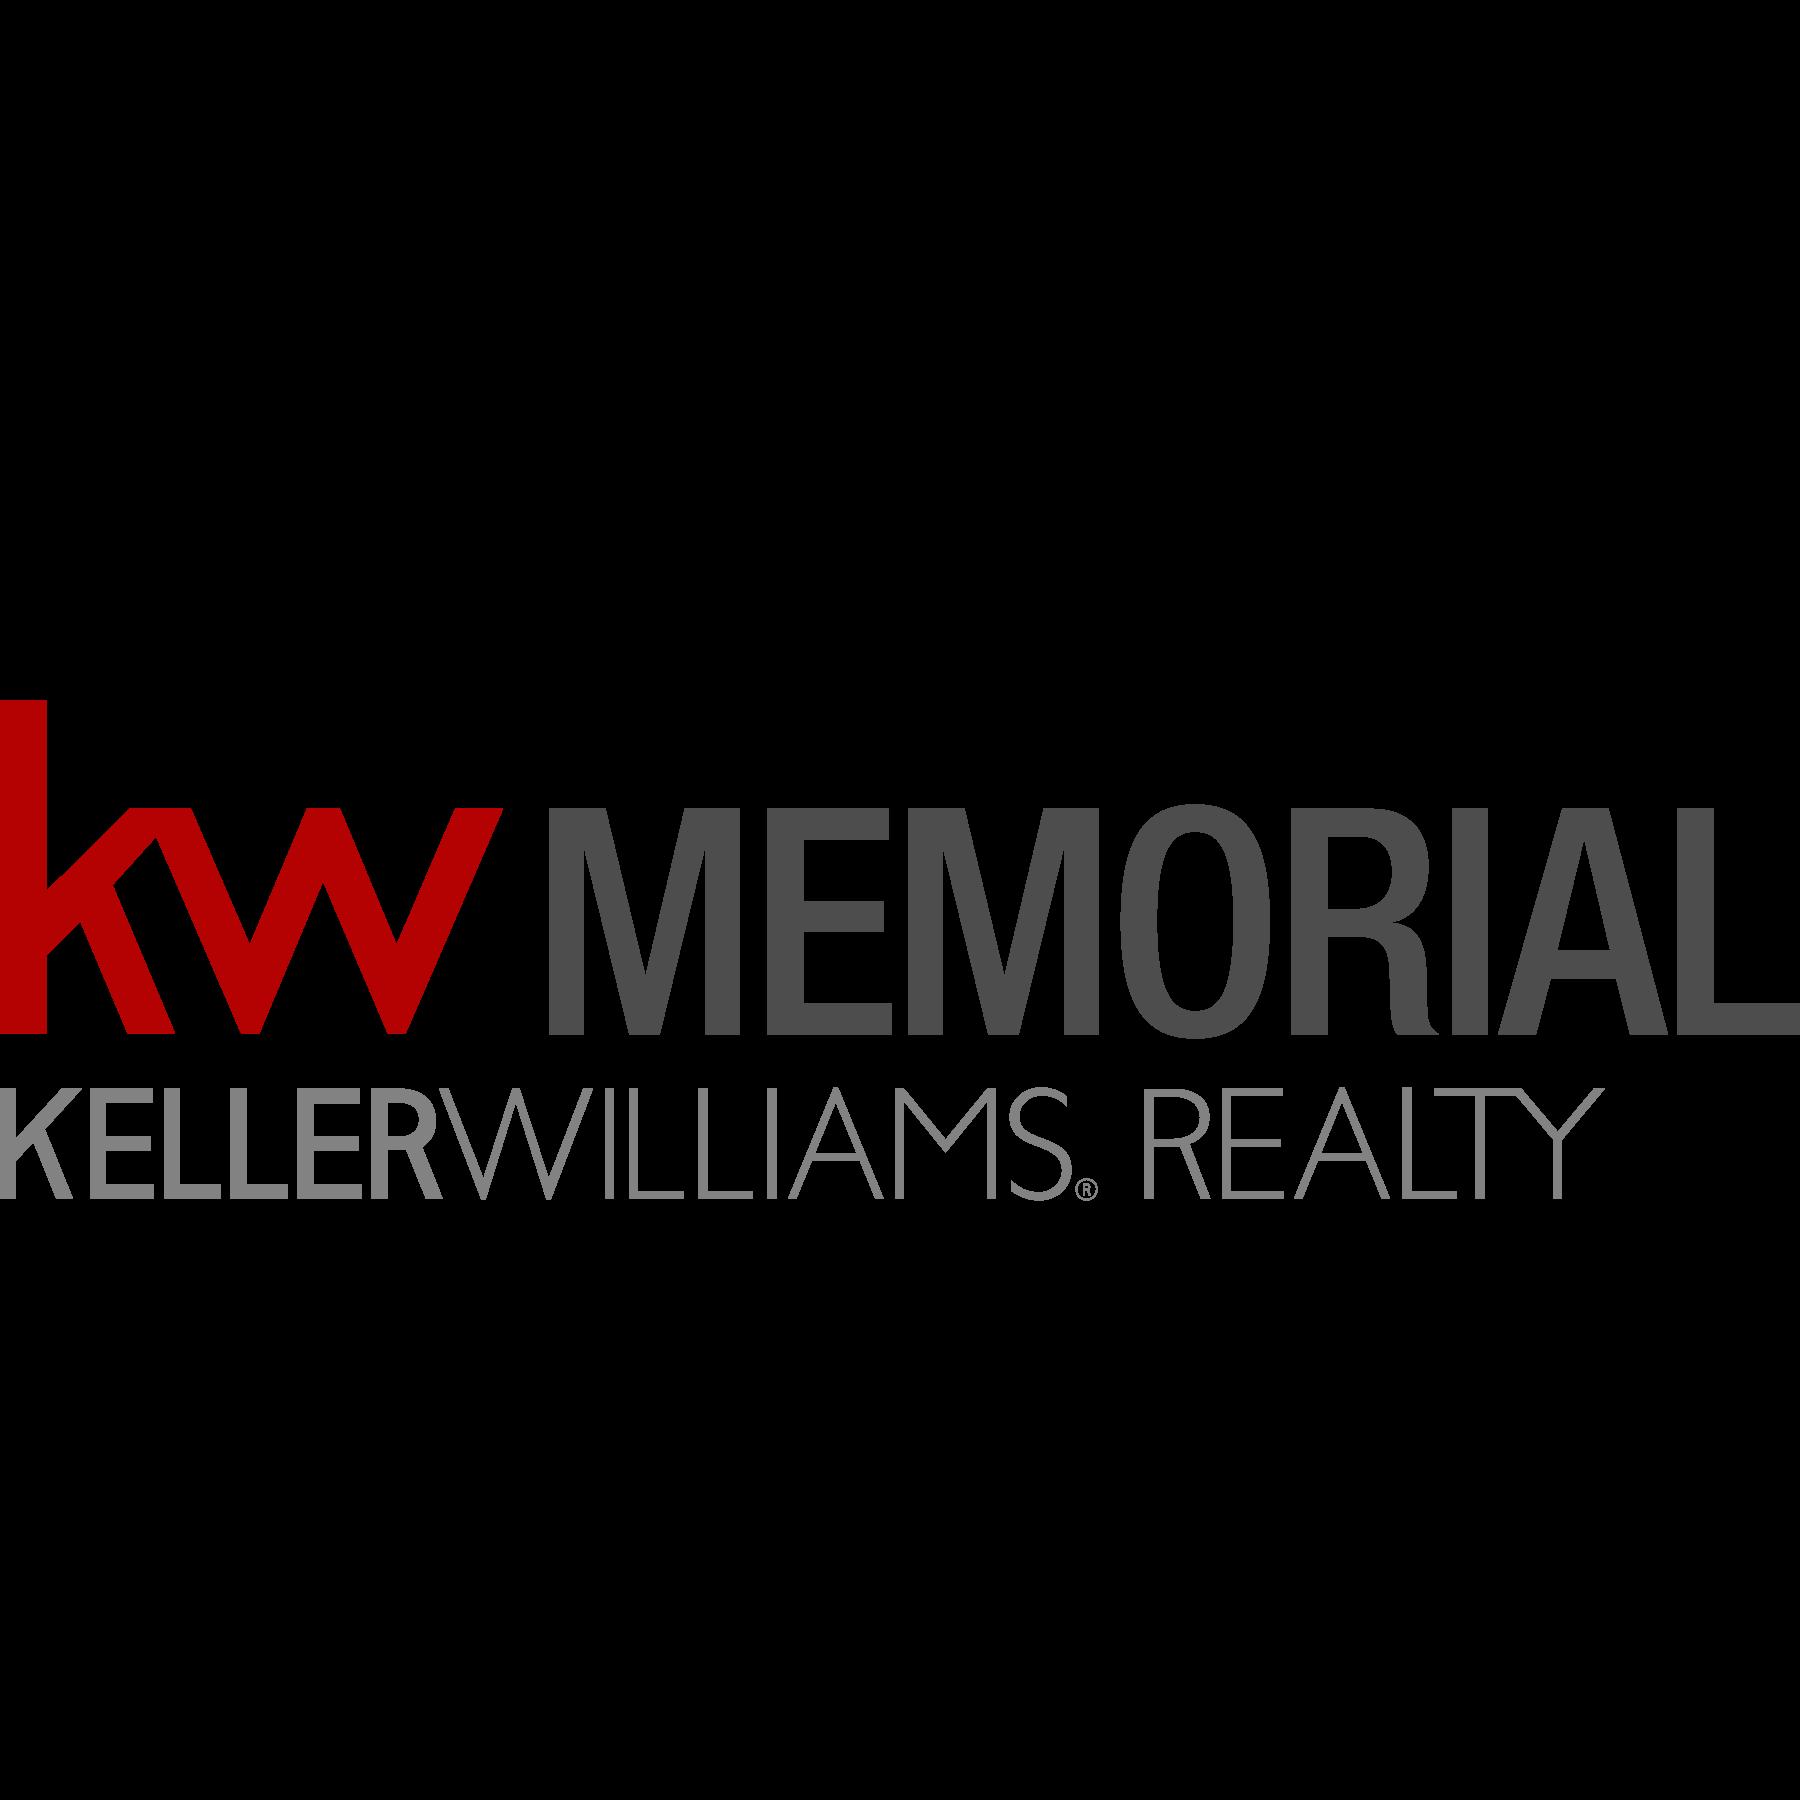 Keller Williams Memorial logo